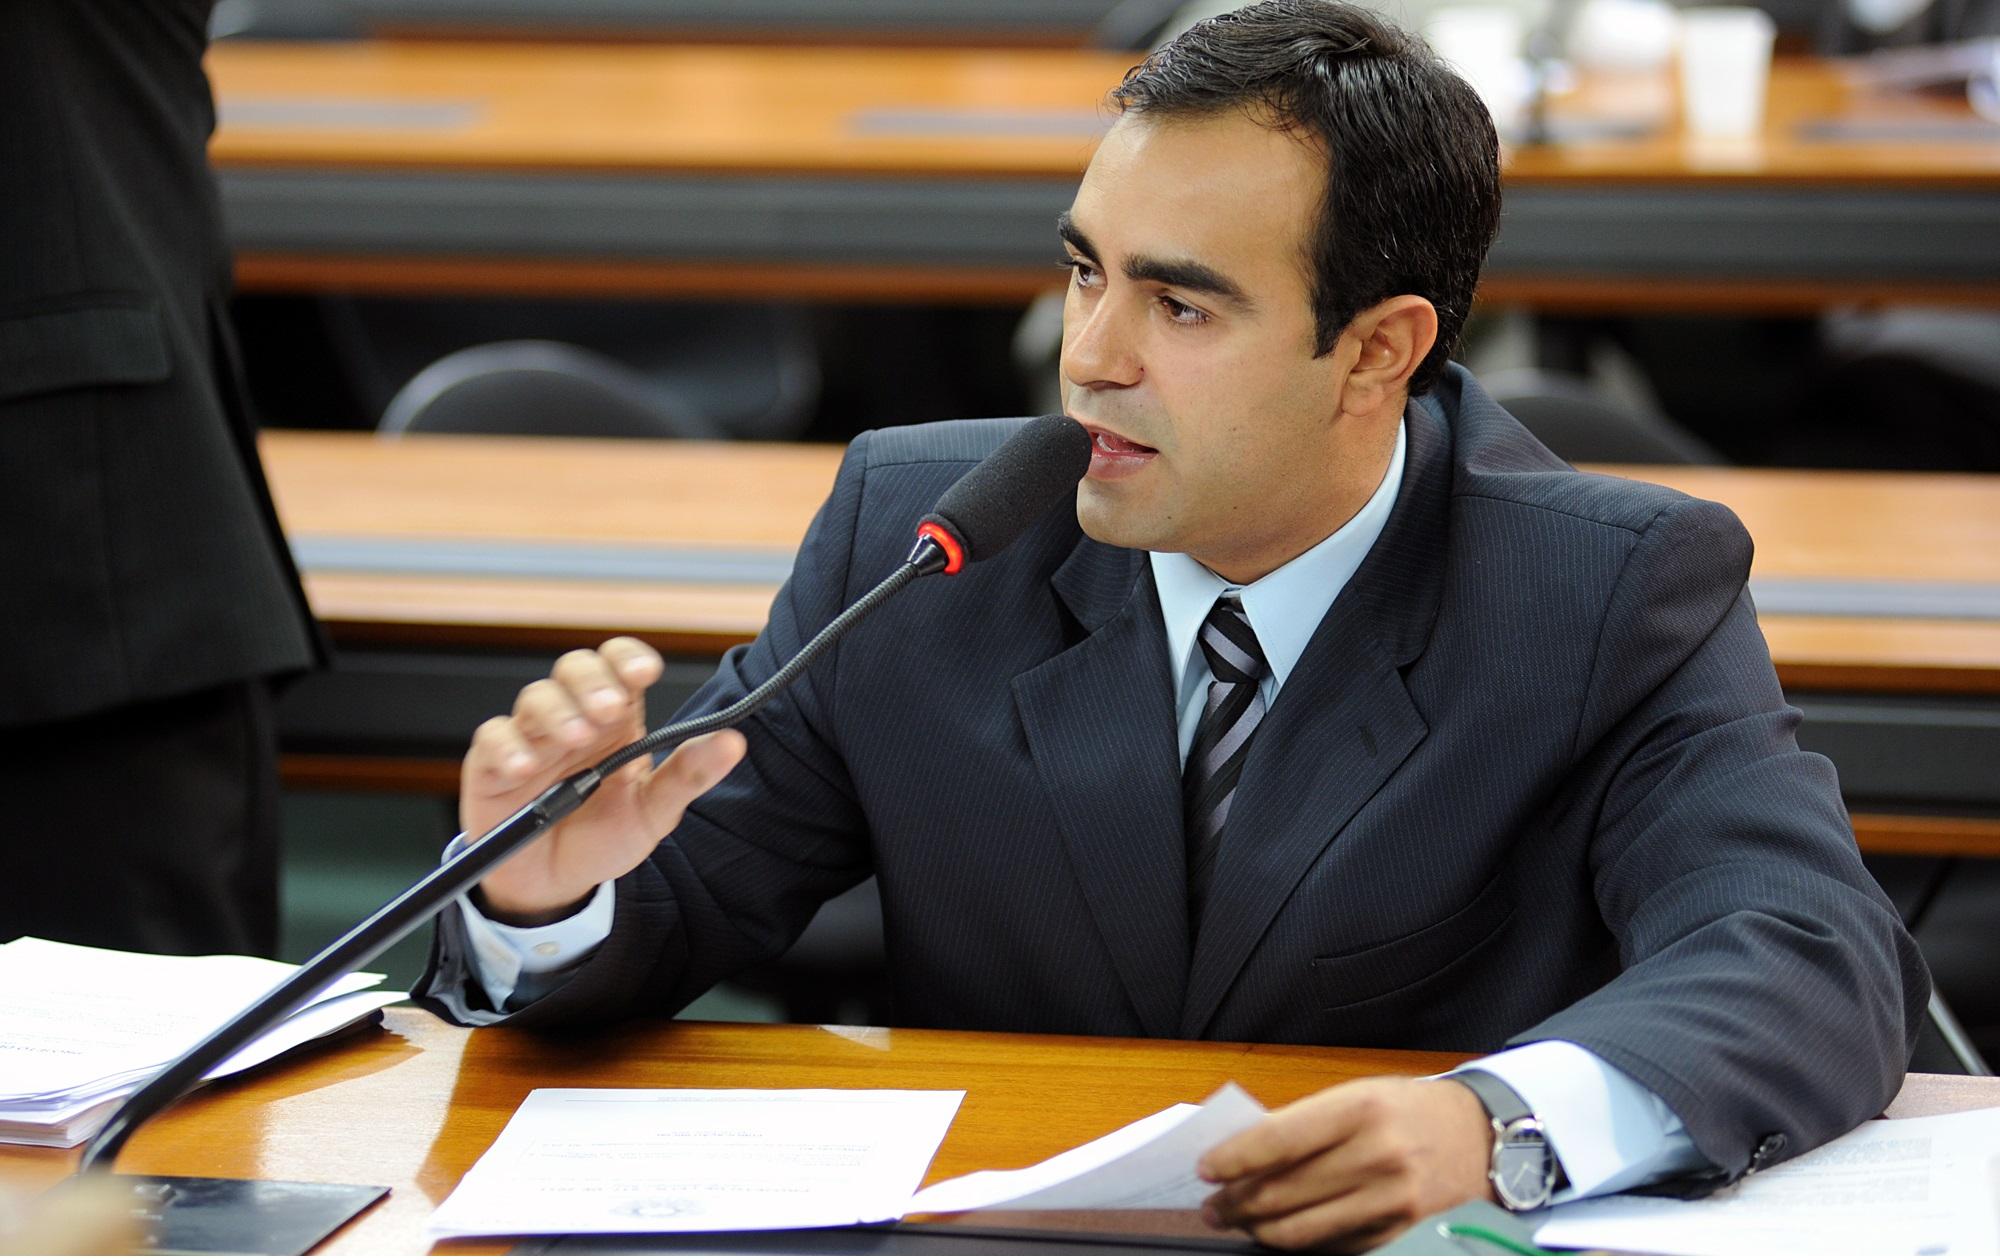 Felipe Bornier é o único representante da Baixada Fluminense que votou contra o presidente Michel Temer